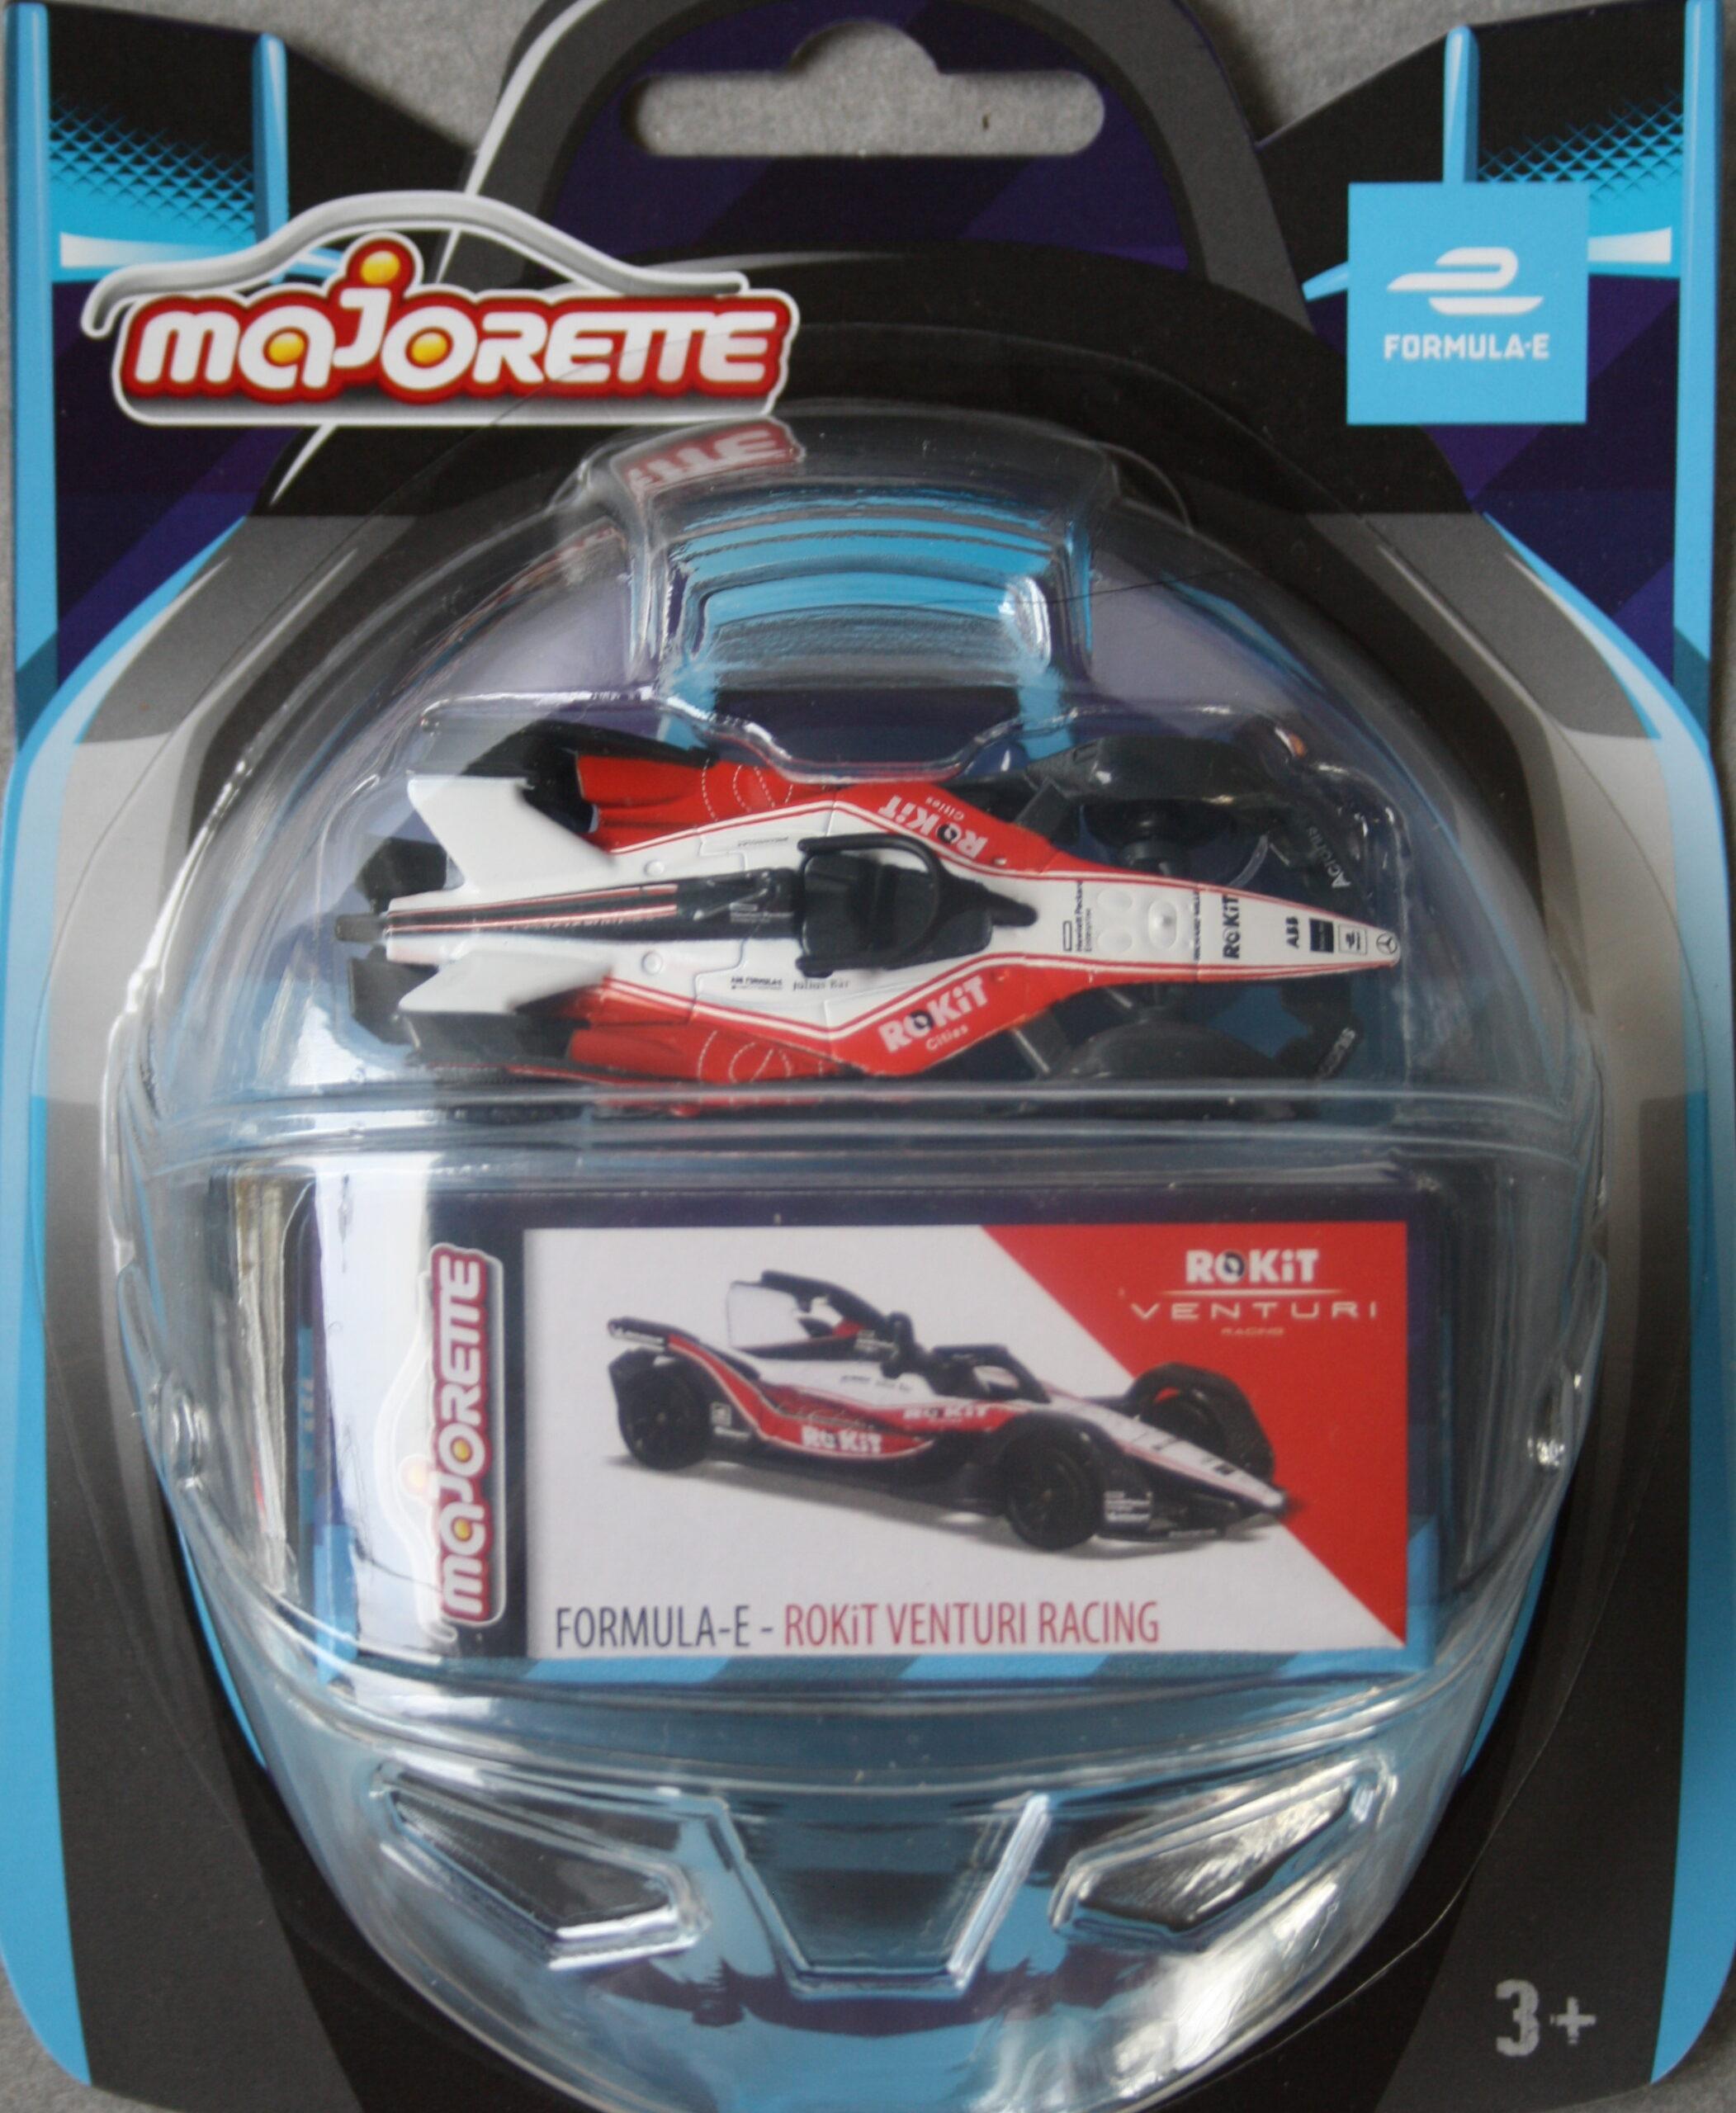 Majorette Formula E ROKiT Venturi Racing 1:64